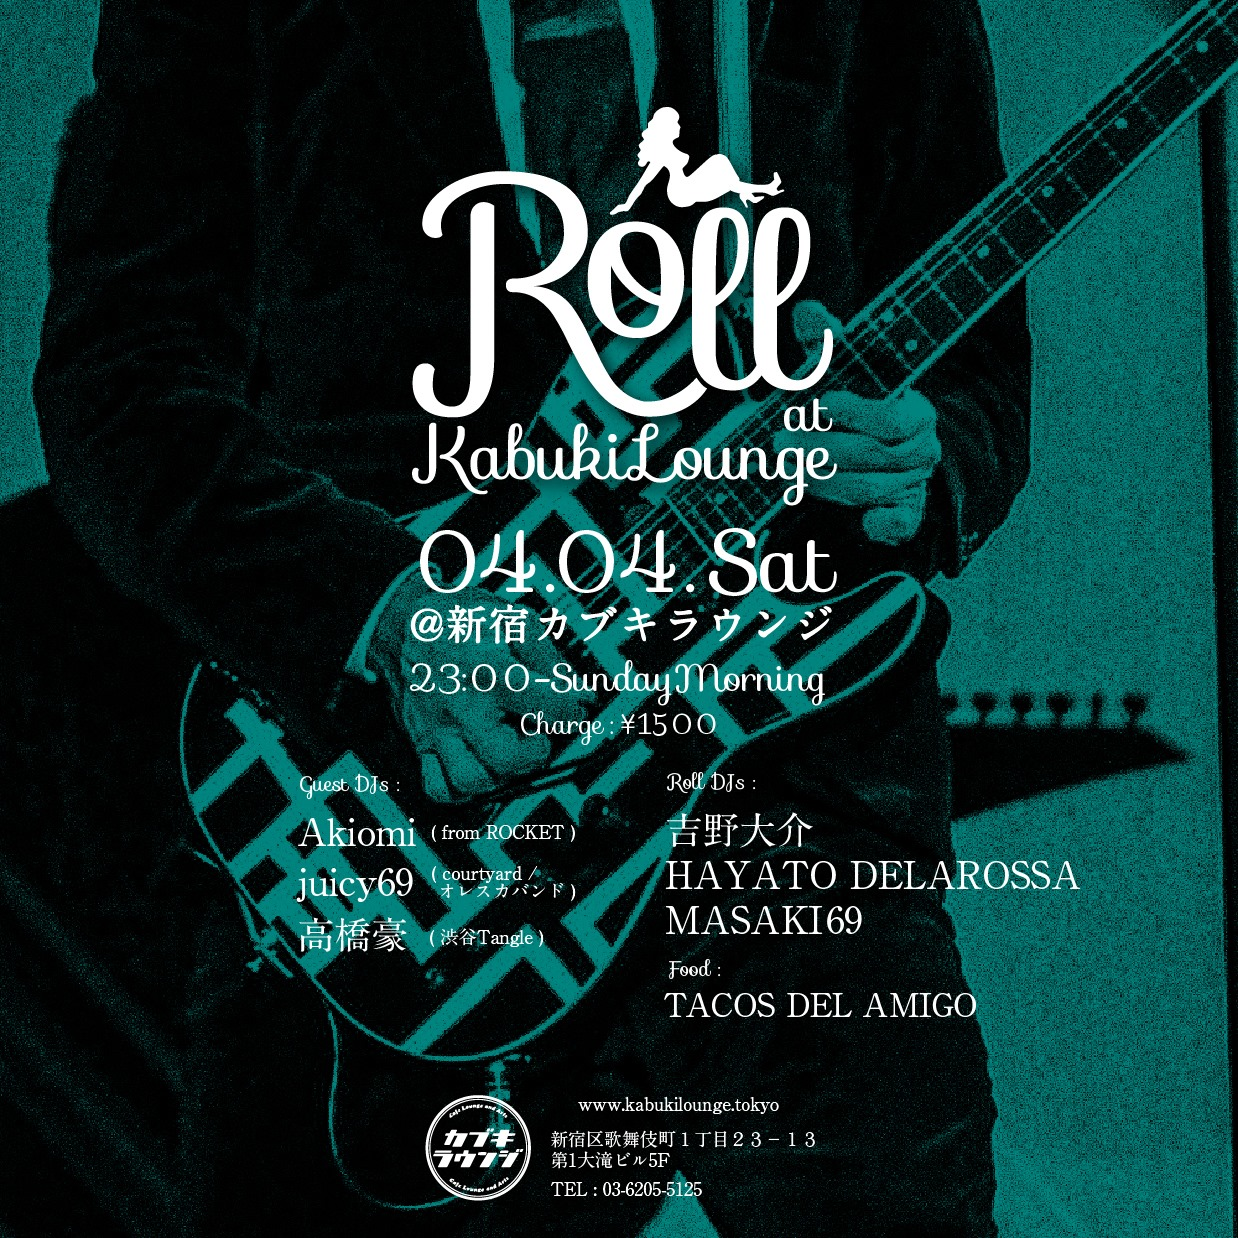 04.04.sat Roll @新宿カブキラウンジ